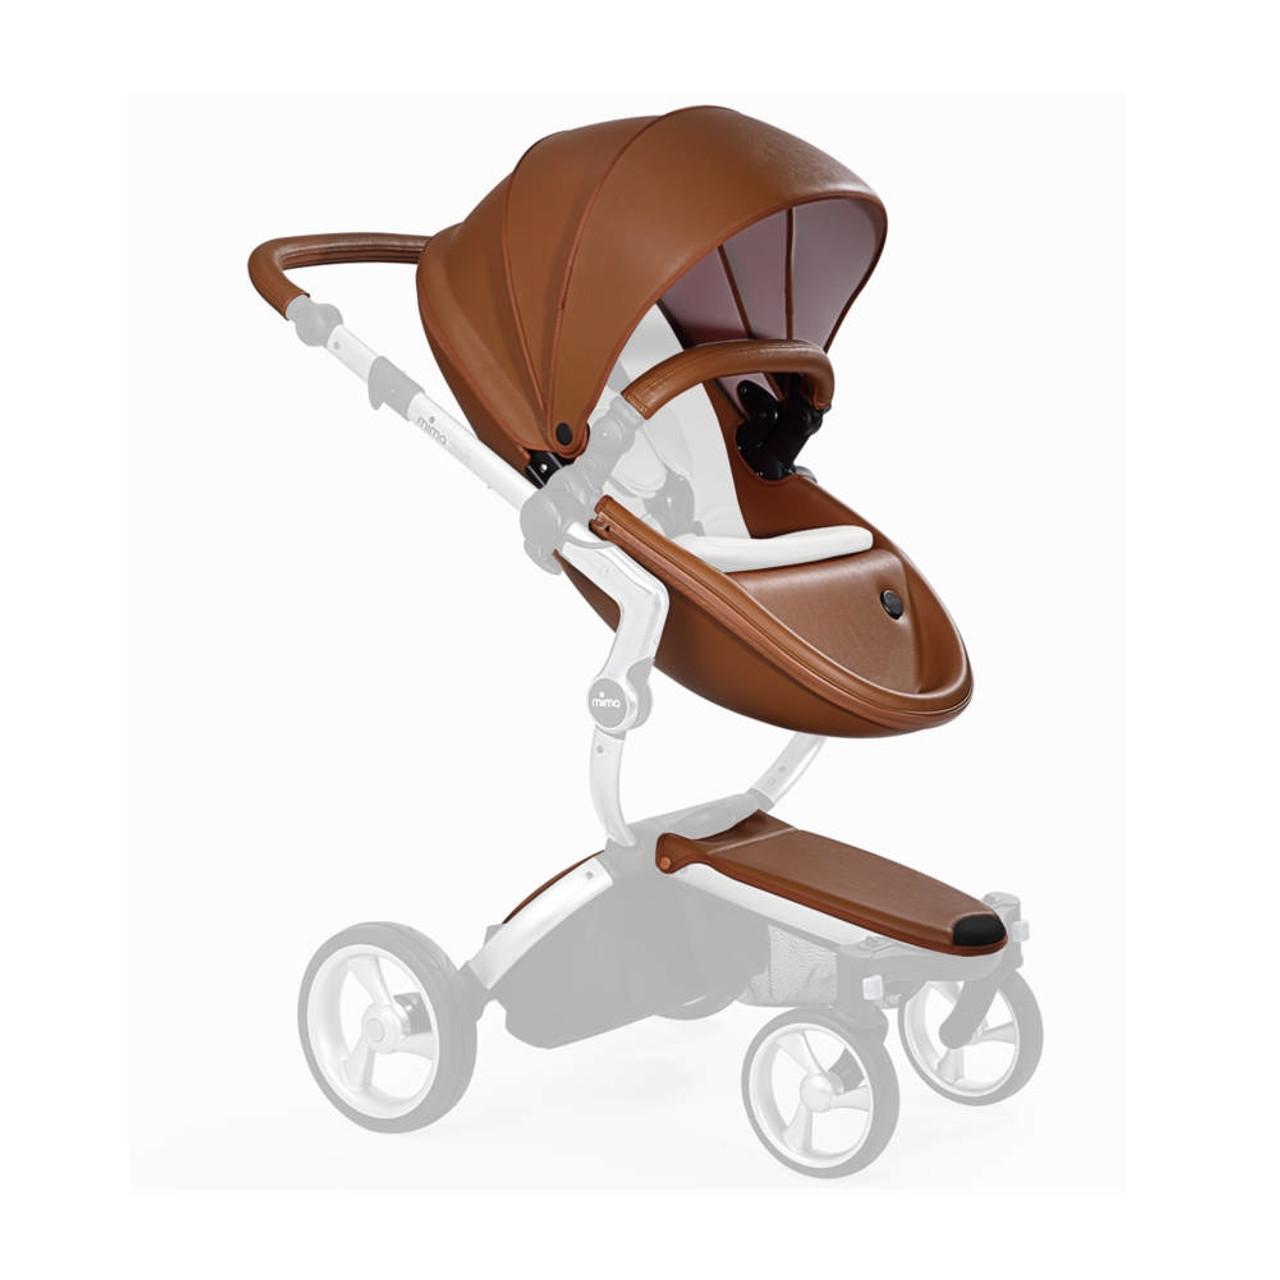 Mima Xari Stroller Seat Kit - Camel - Dear-Born Baby